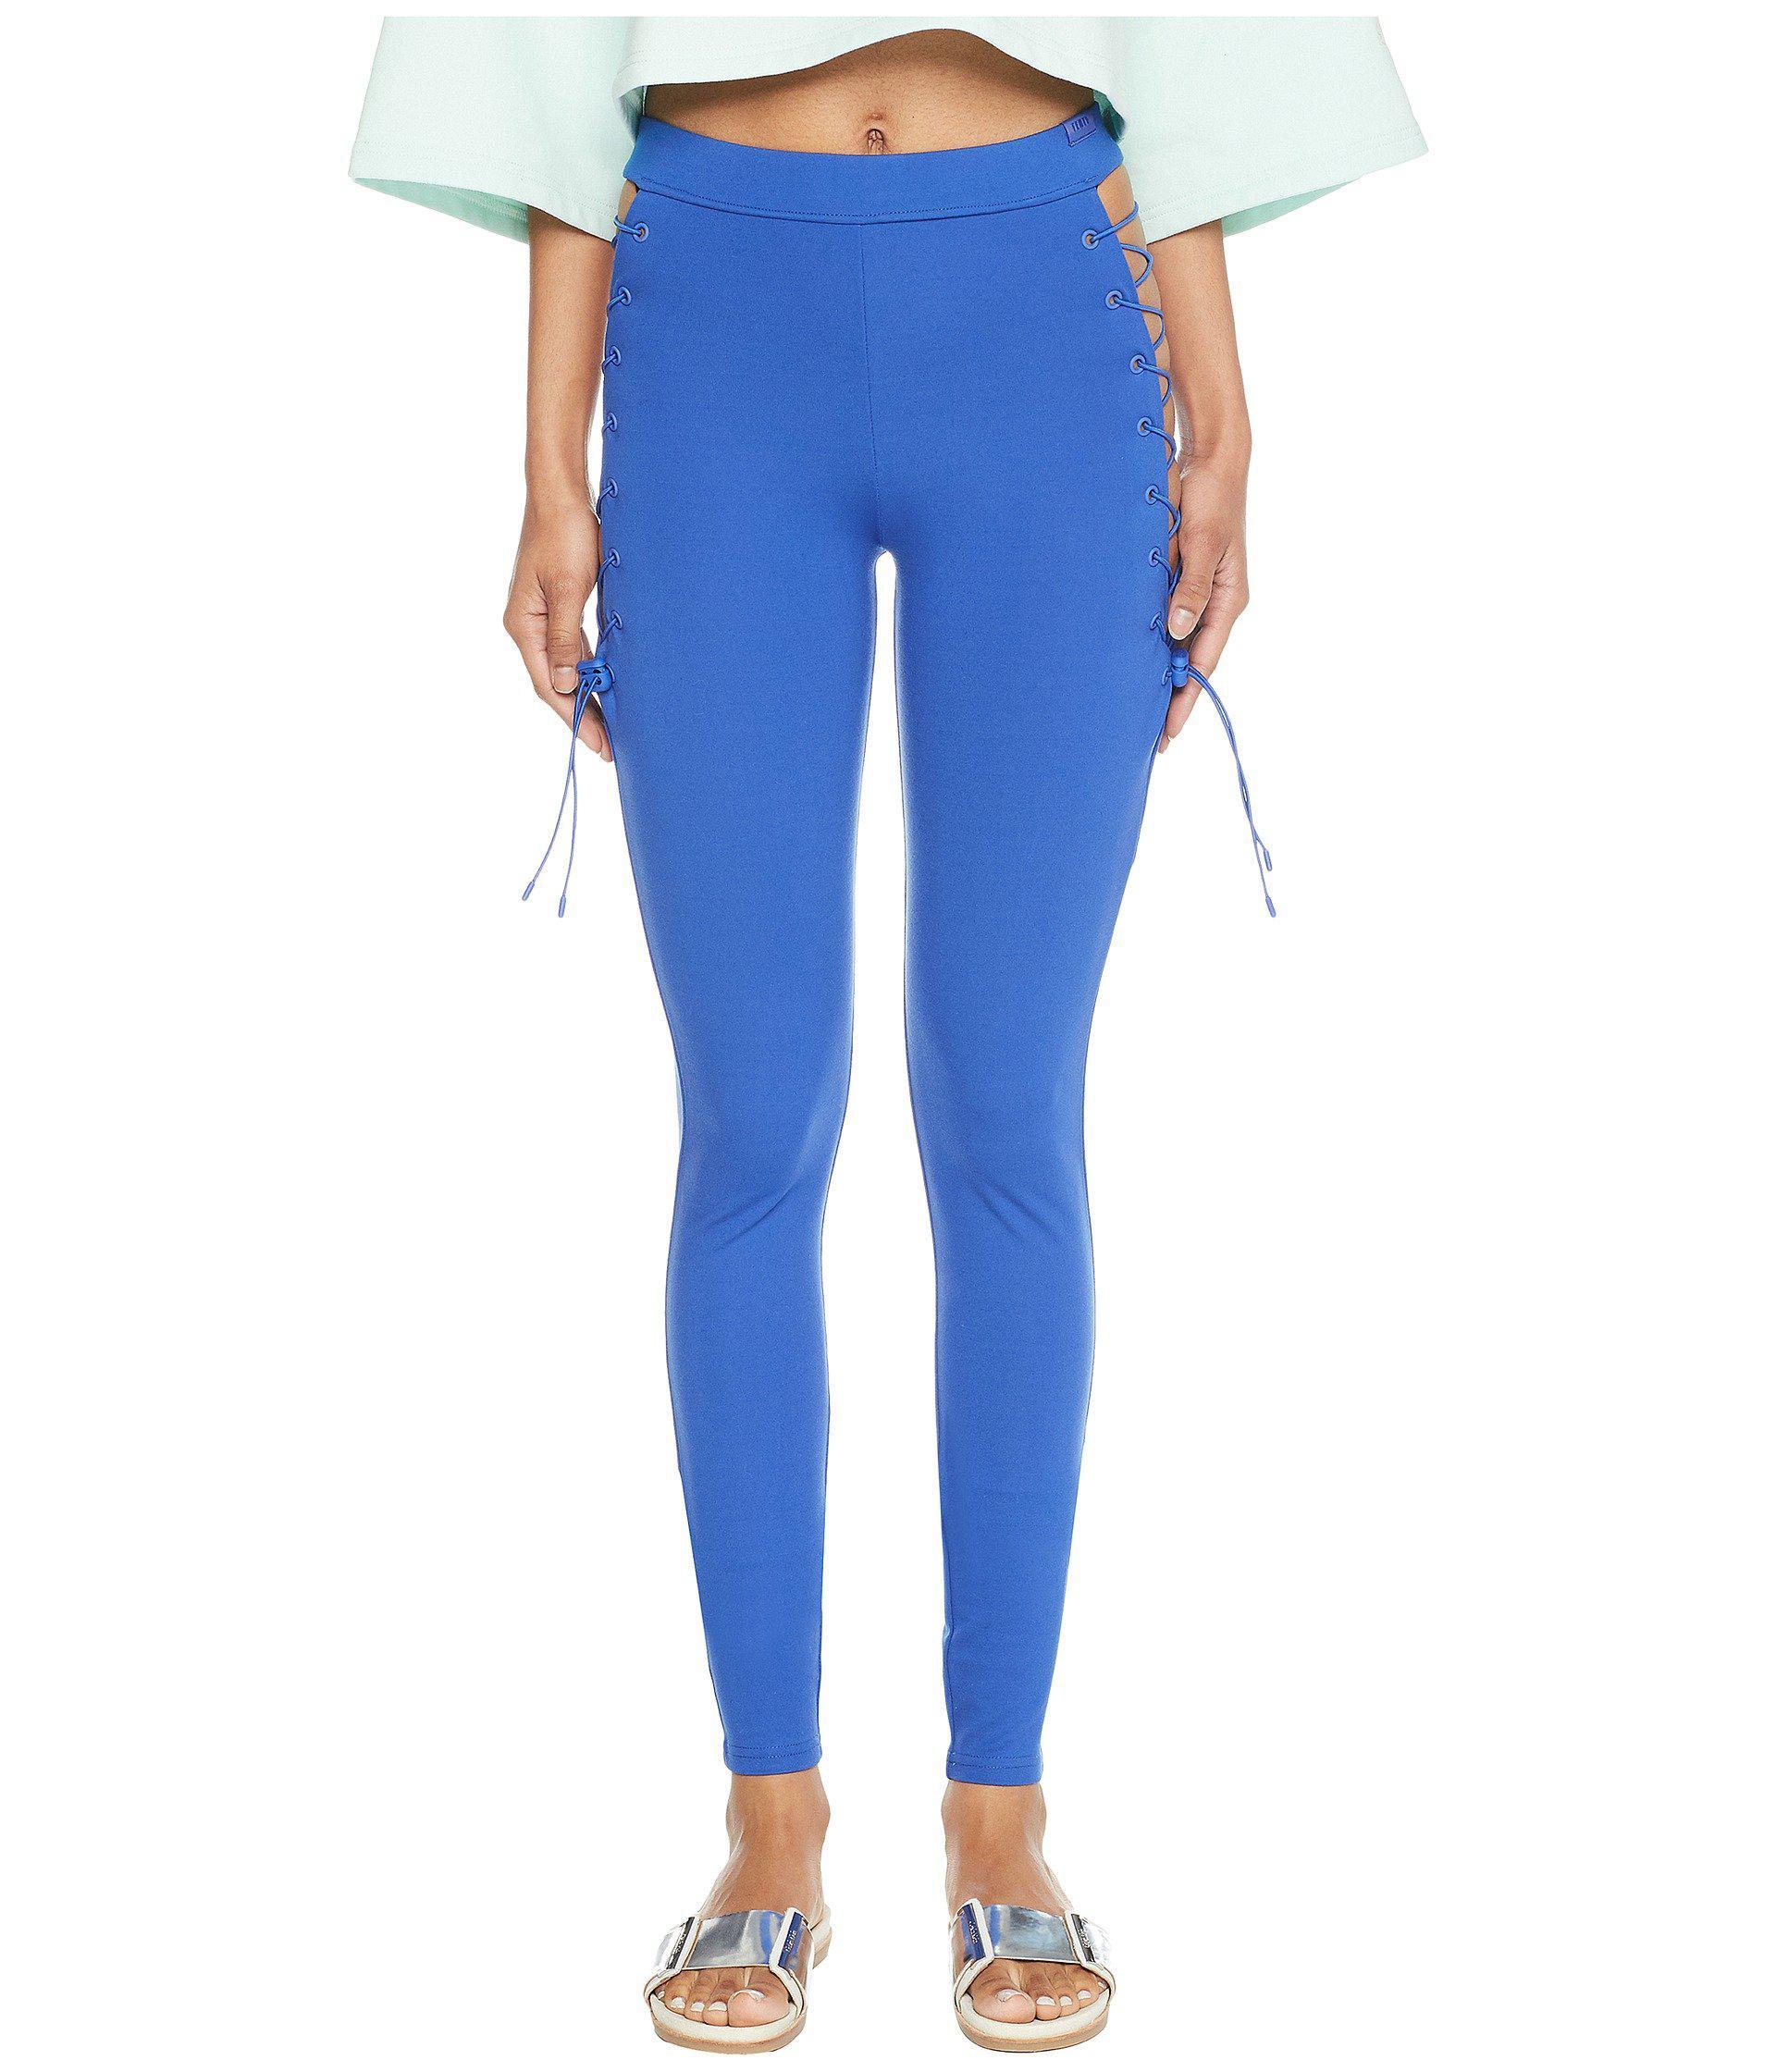 21301f9672a5 Lyst - PUMA X Fenty By Rihanna Side Lace Leggings in Blue - Save 65%